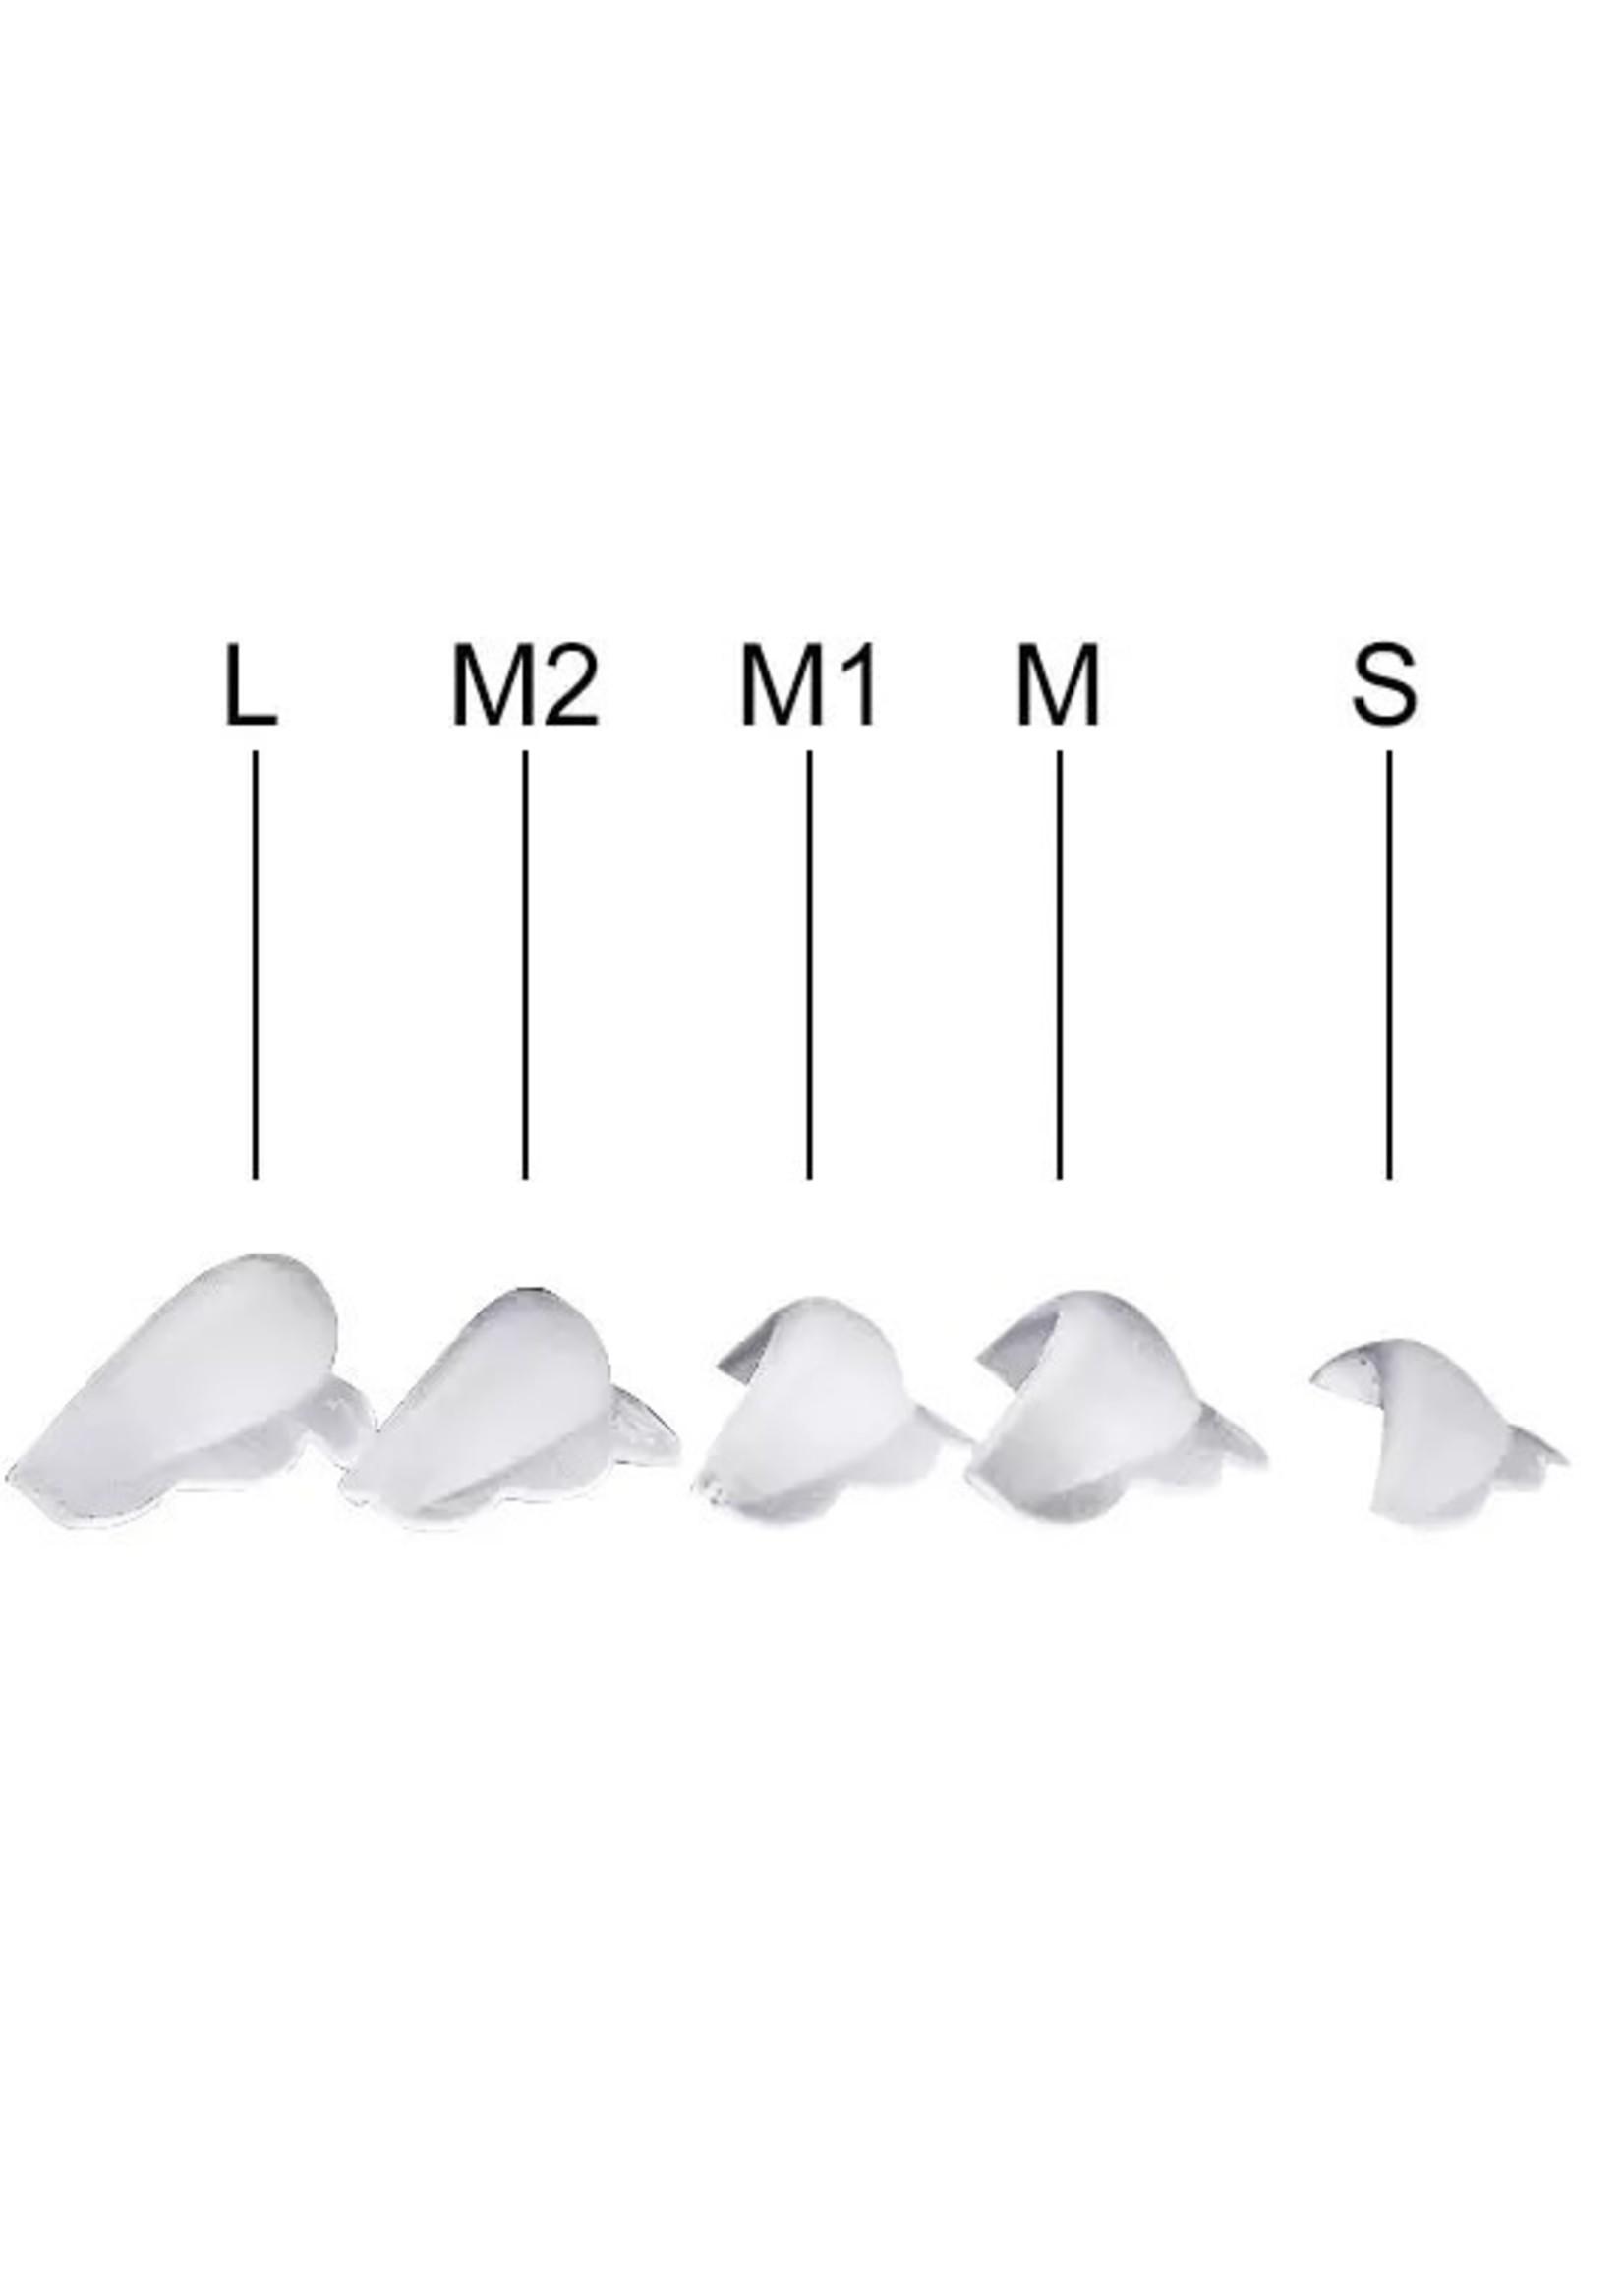 Lash Candies® Silicone Rods 5 paar Ronde Vorm 5 Paar Maten S, M, M1, M2, L